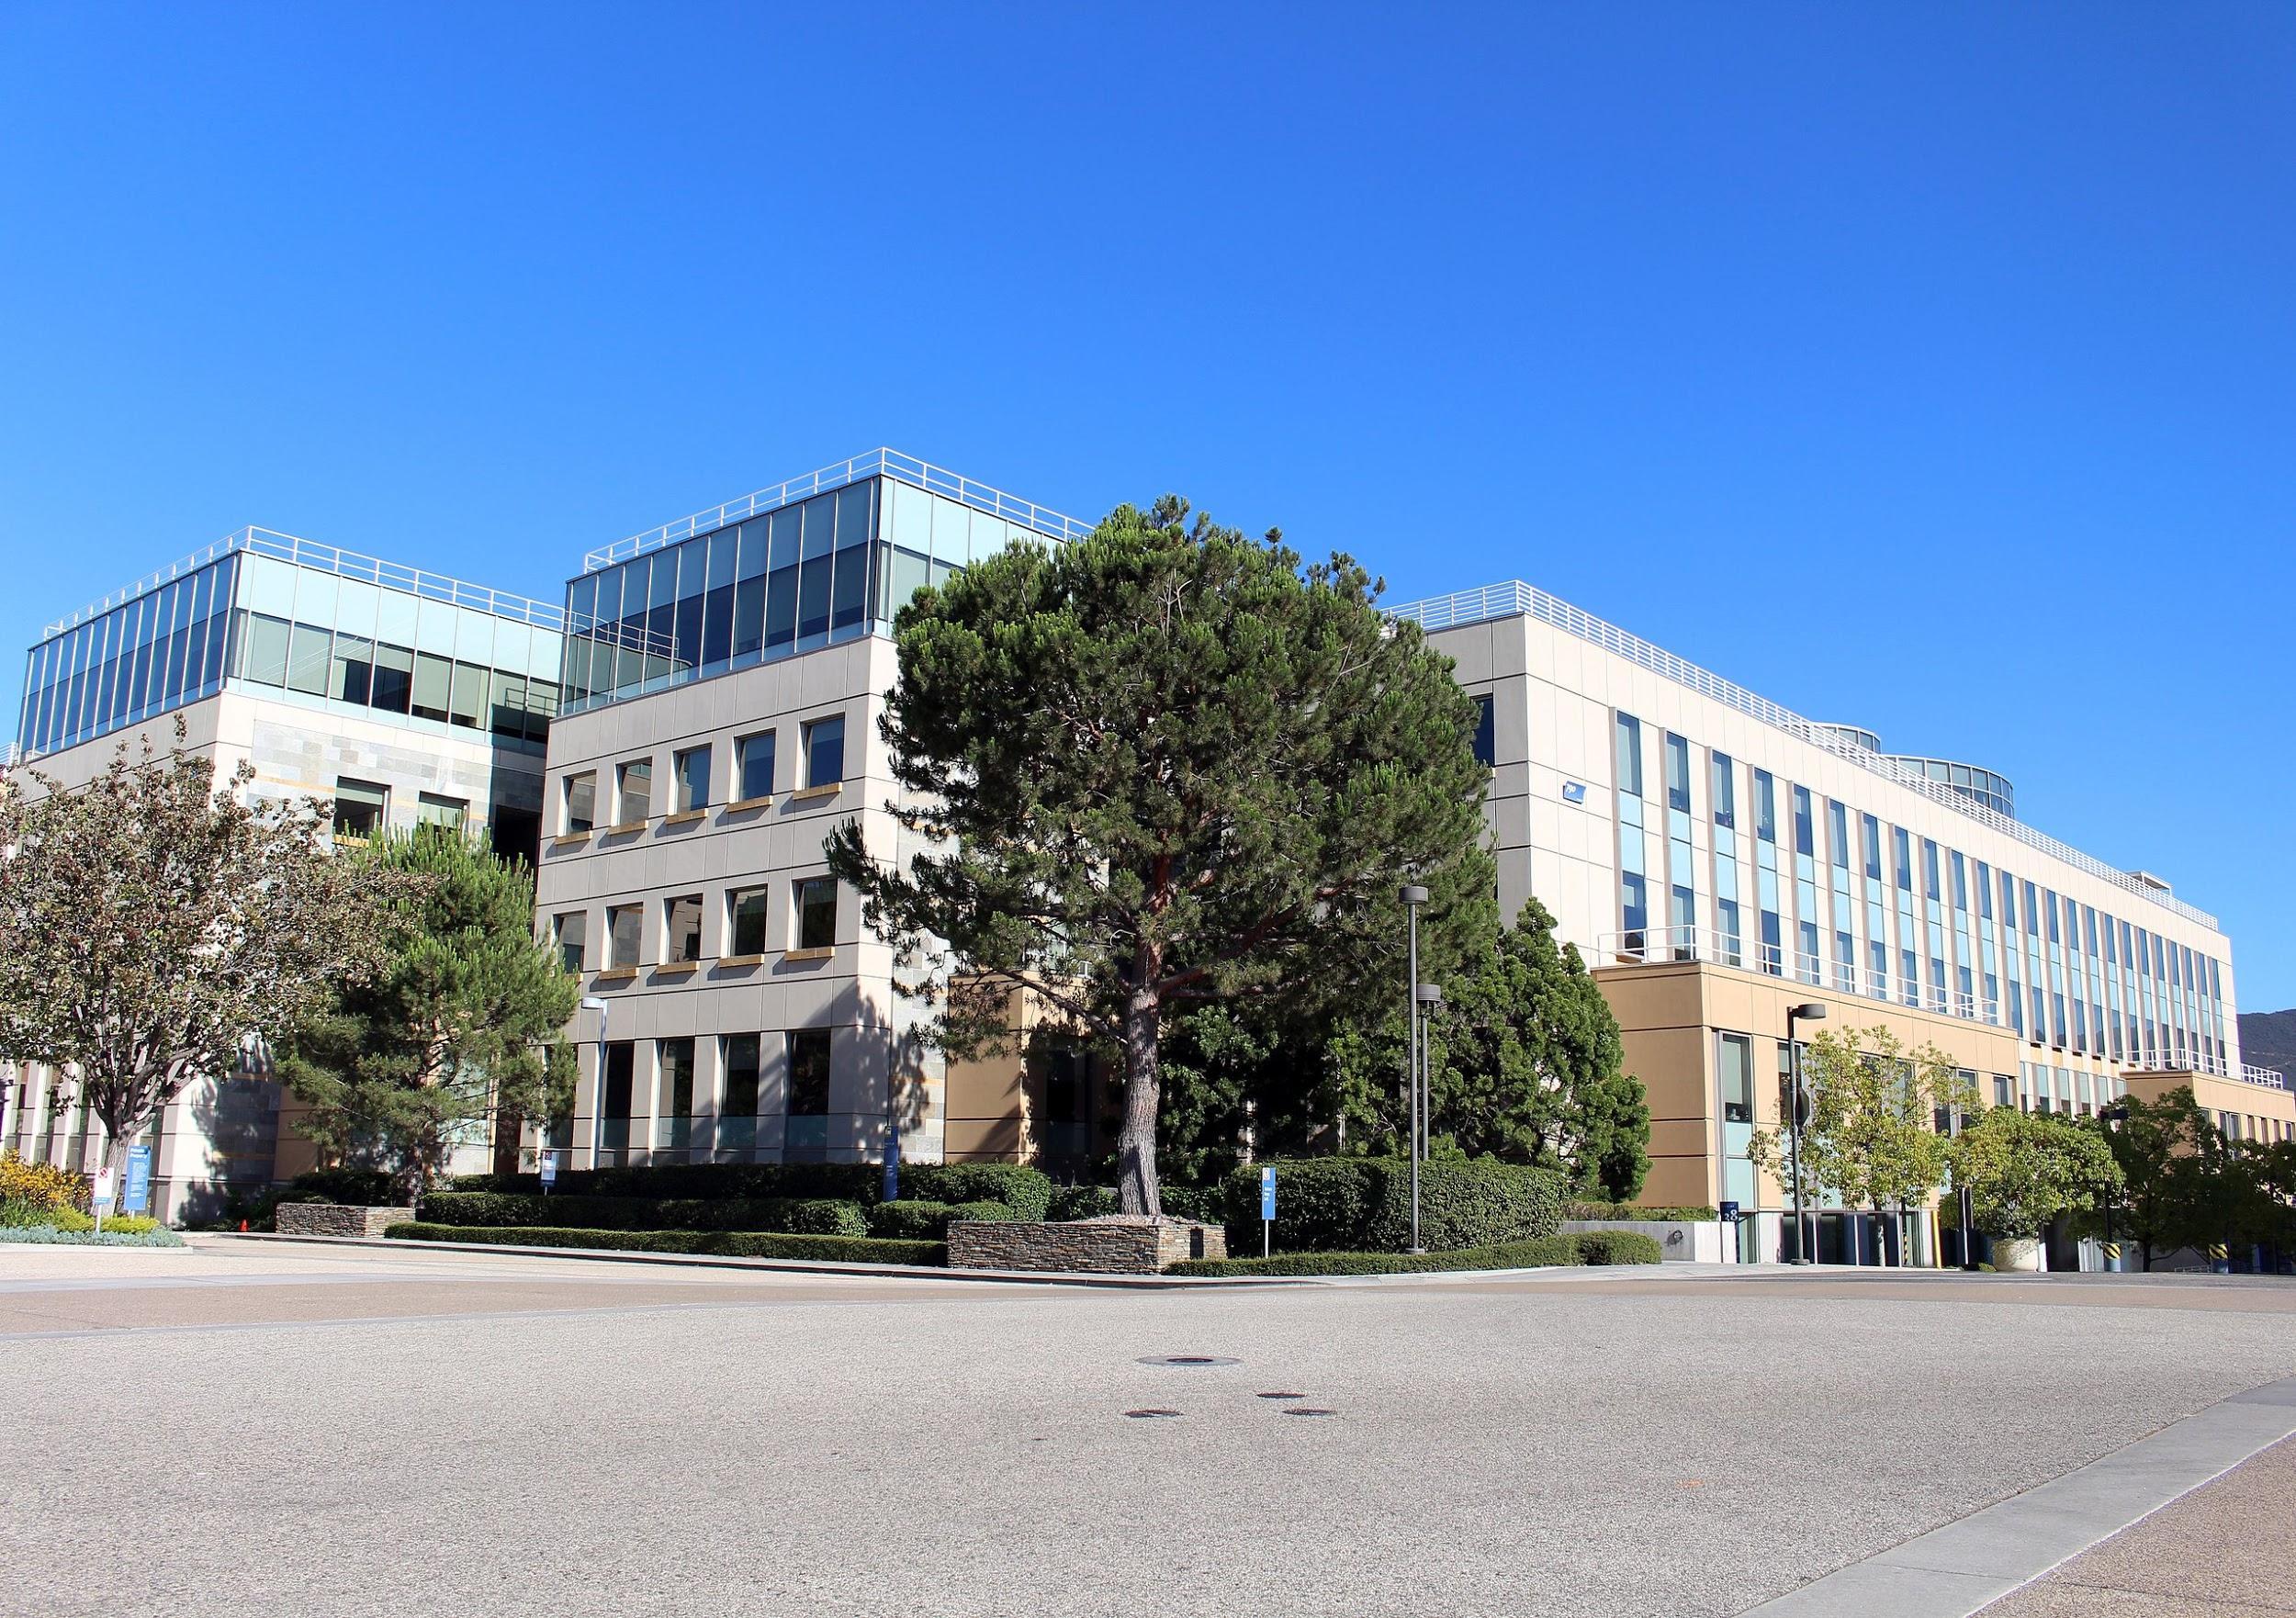 Amgen's offices in Thousand Oaks, CA